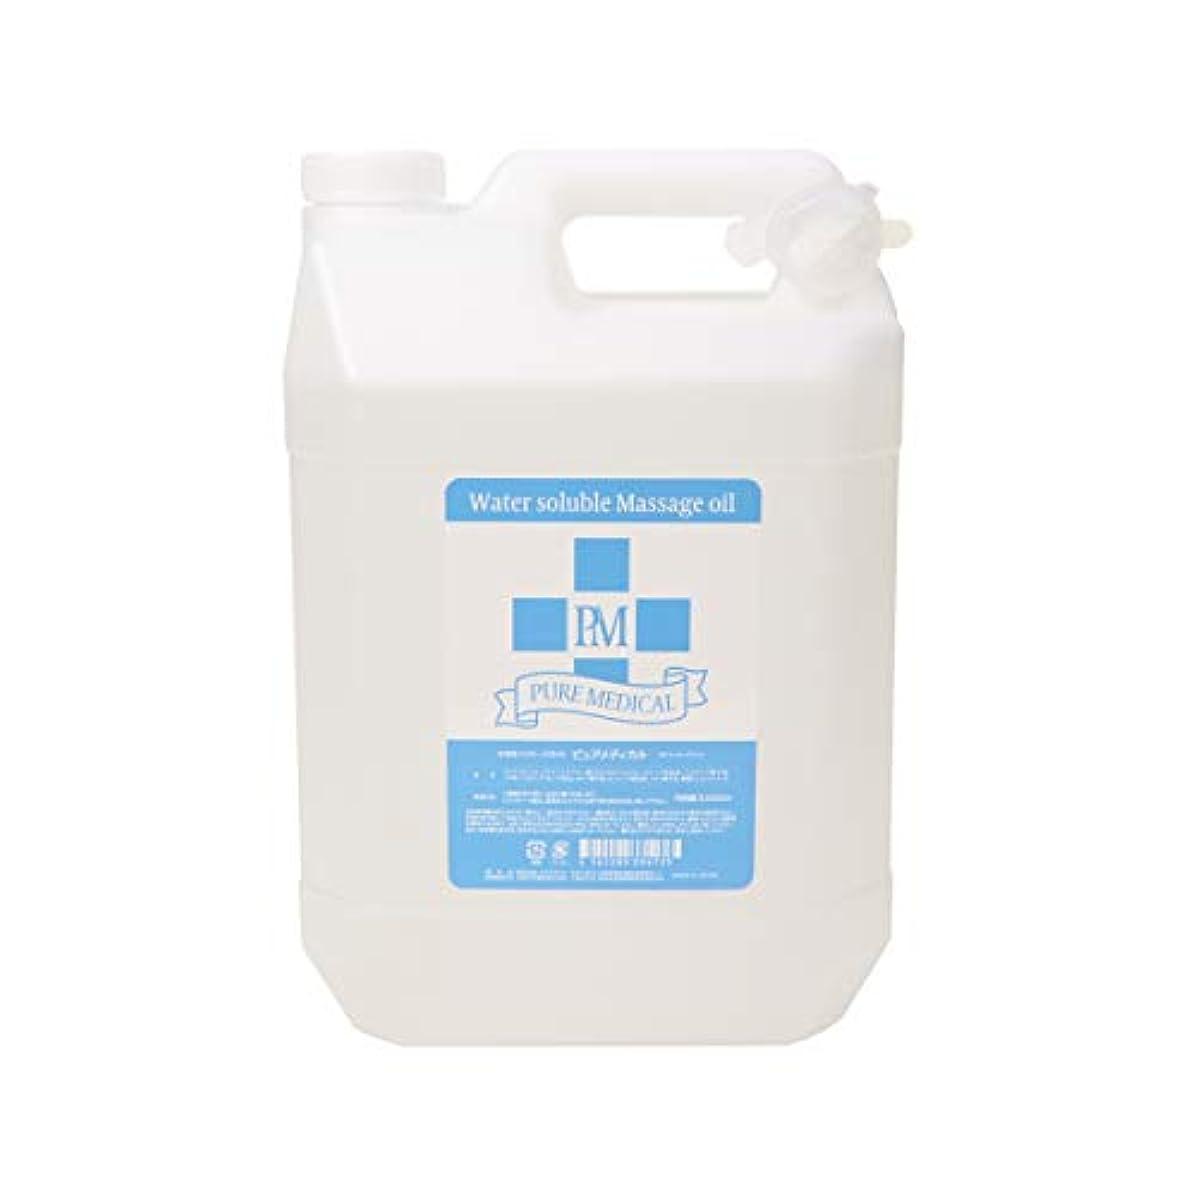 許可するクリップ蝶偏心PURE MEDICAL(ピュアメディカル) 水溶性マッサージオイル 5L マッサージオイル ボディオイル PM 無香料 日本製 業務用 ボディ用